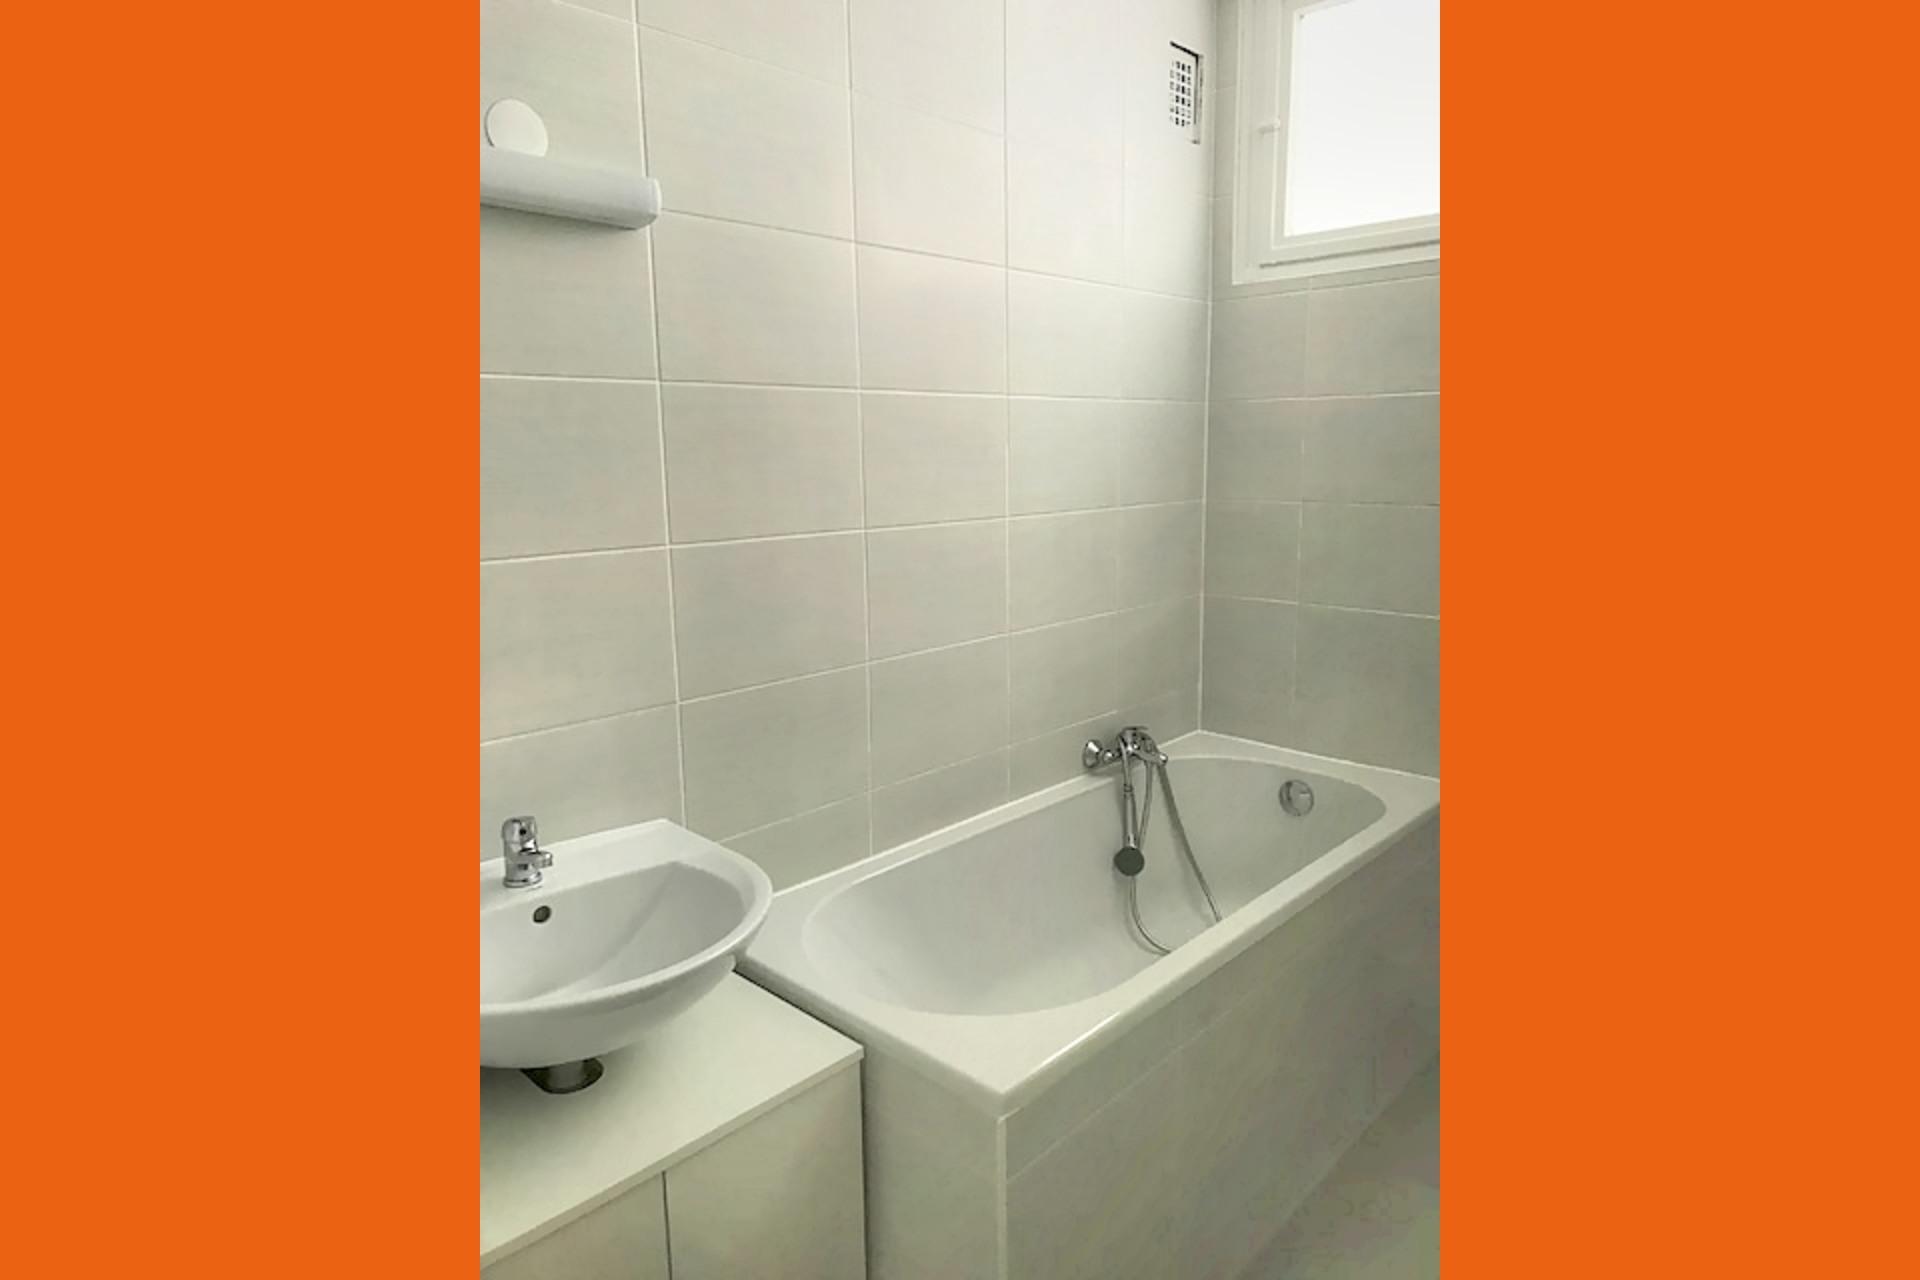 image 4 - Appartement À vendre Longeville-lès-Metz - 4 pièces